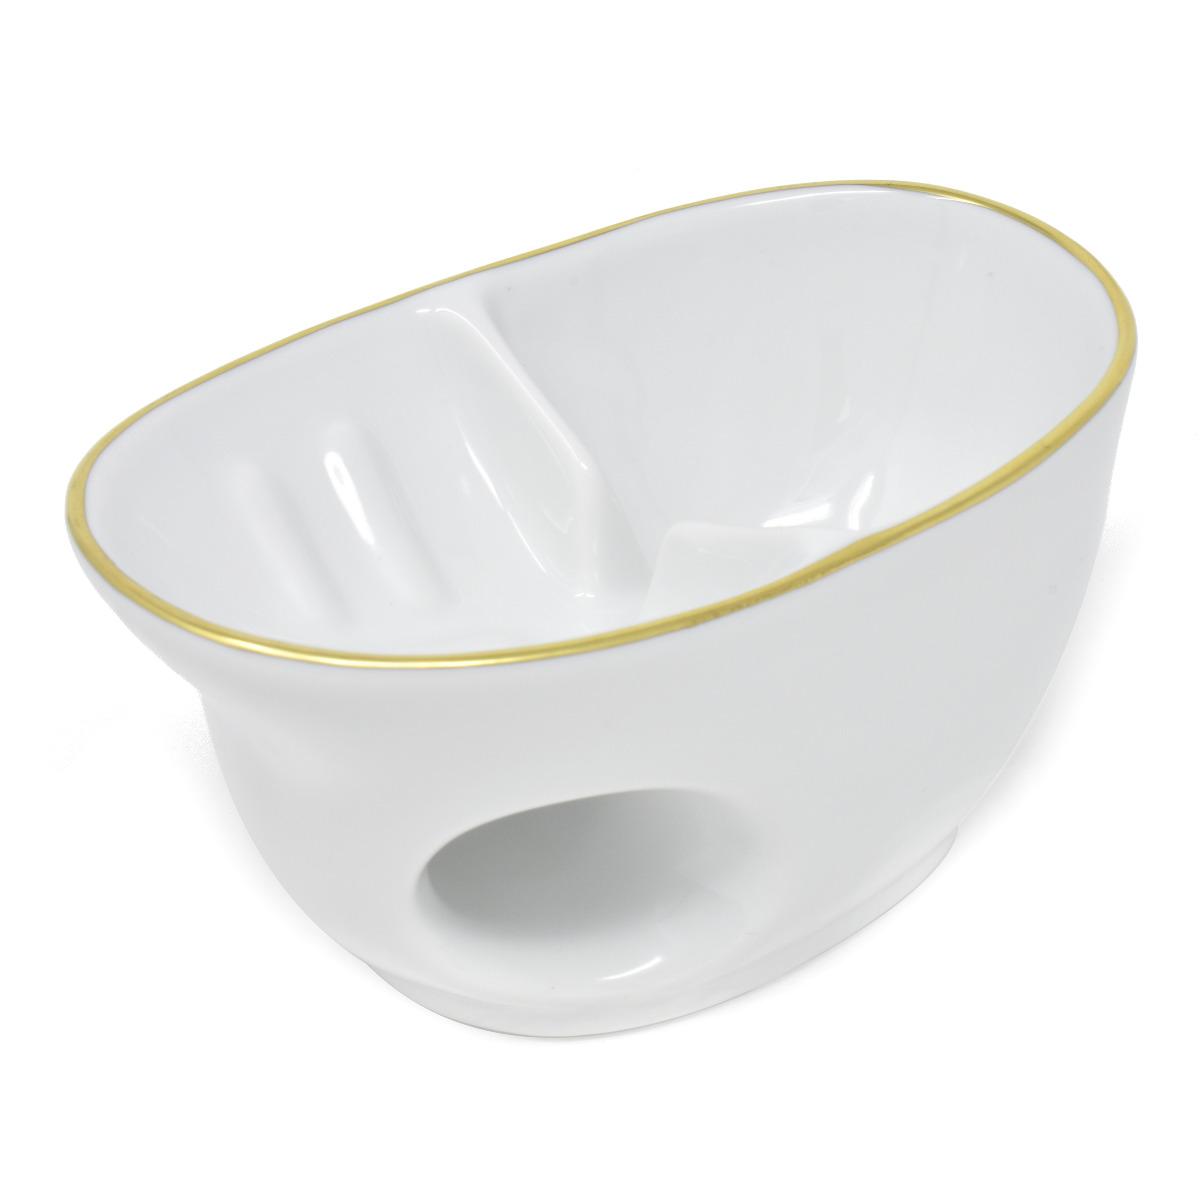 Lindner Handmade Porcelain & Gold Shaving Bowl